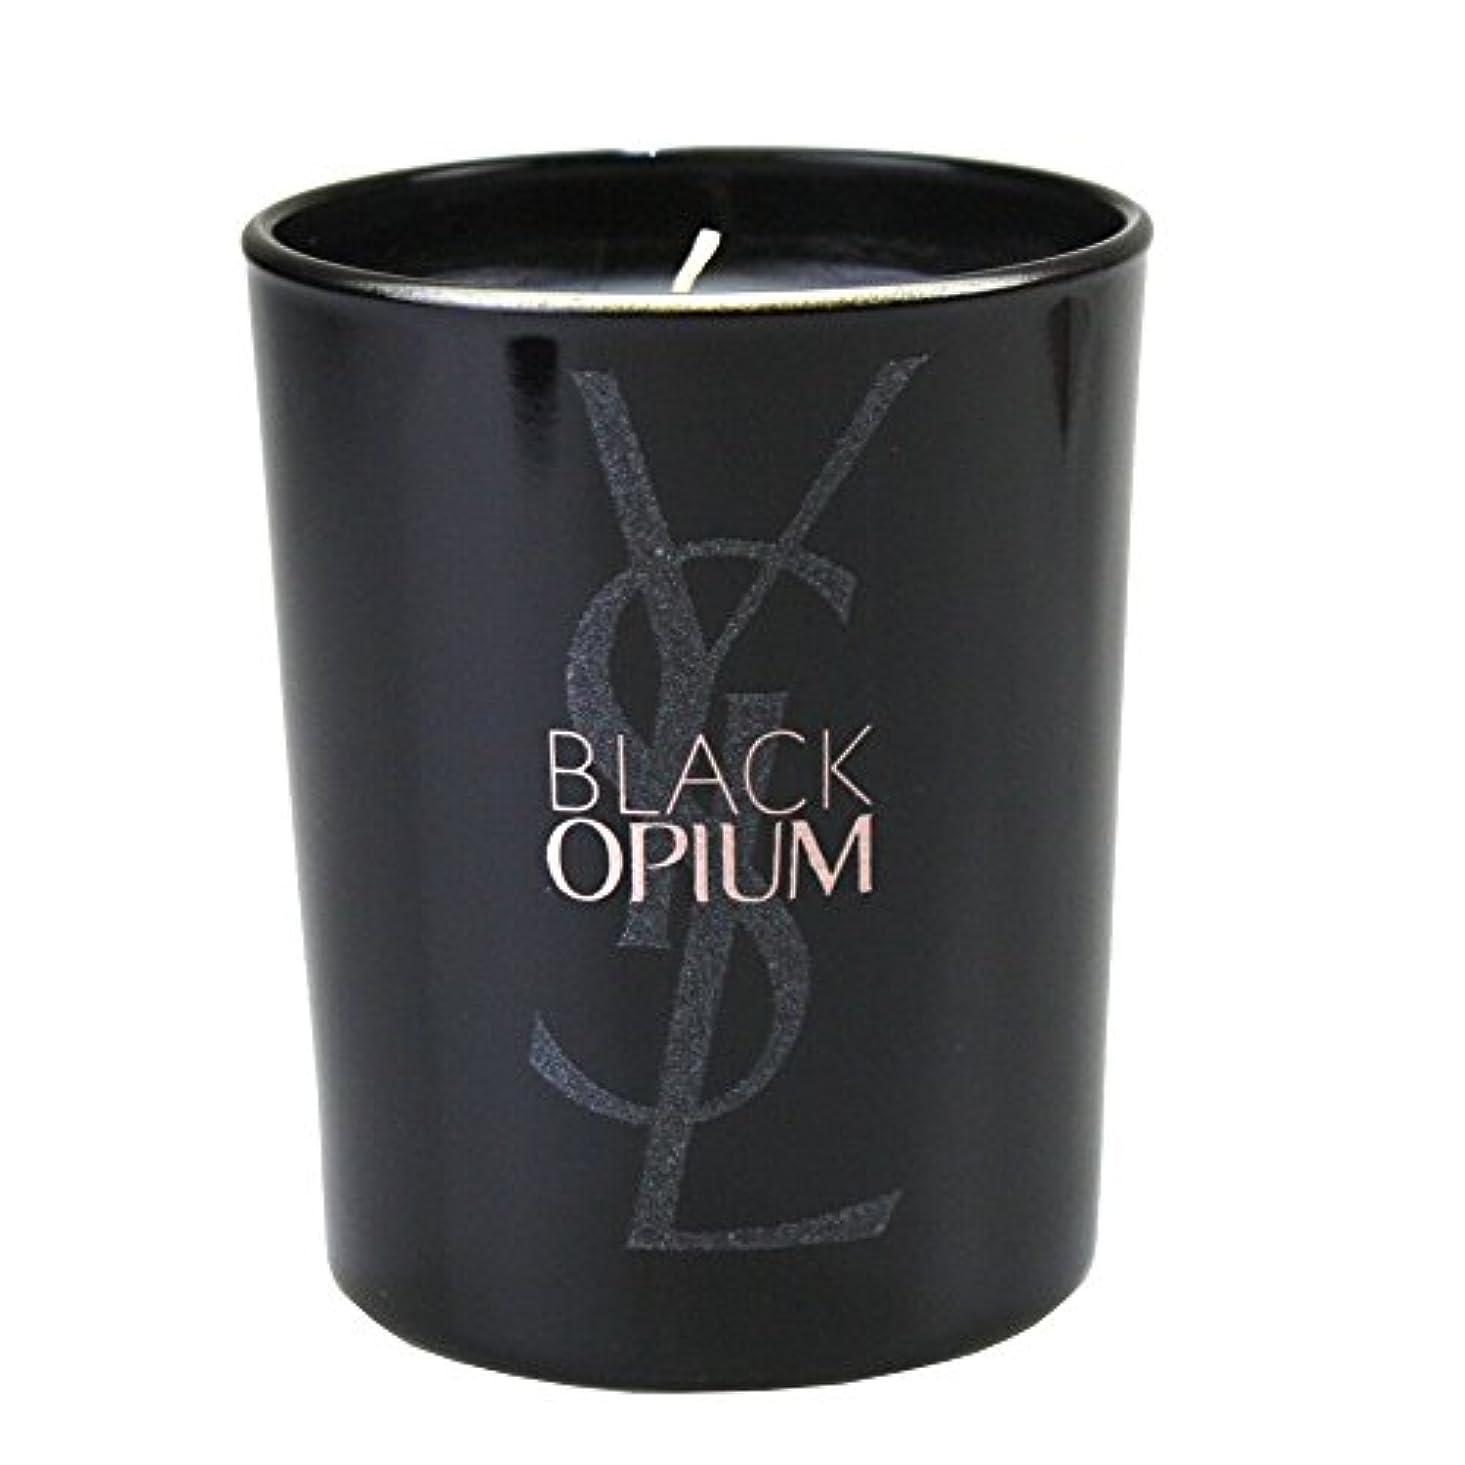 世界的に取得する復活する(イヴ サンローラン) Yves saint Laurent アロマキャンドル パリジェンヌ BLACK OPIUM 化粧 メイク コスメ ロゴ 黒 ブラック フルーティー フローラル コーヒー ジャスミンティーペタル